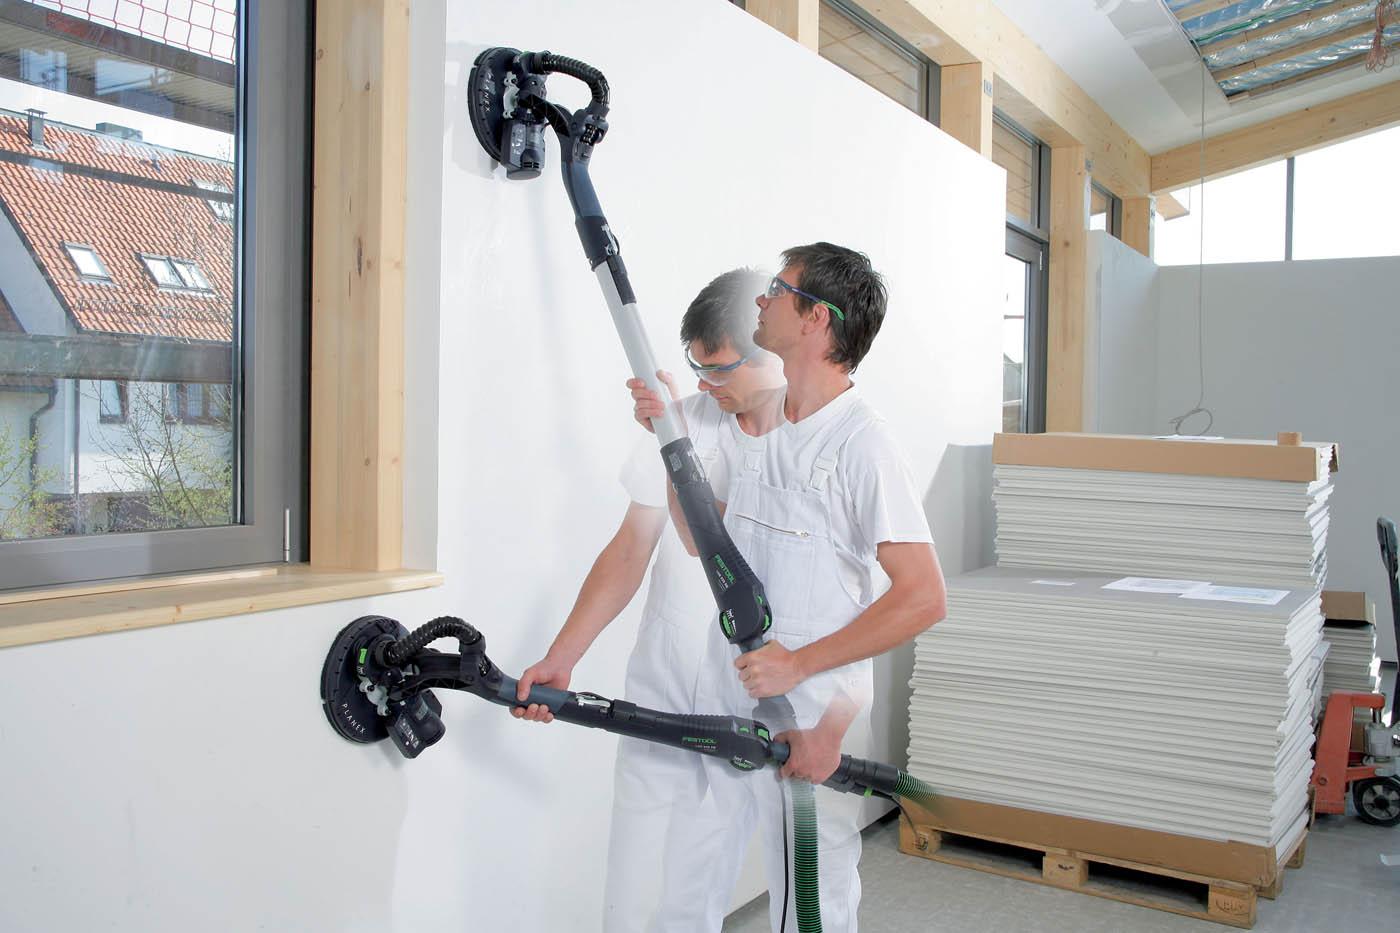 Инструмент для зачистки шпатлевки на стеназх медовая мастика в домашних условиях рецепт